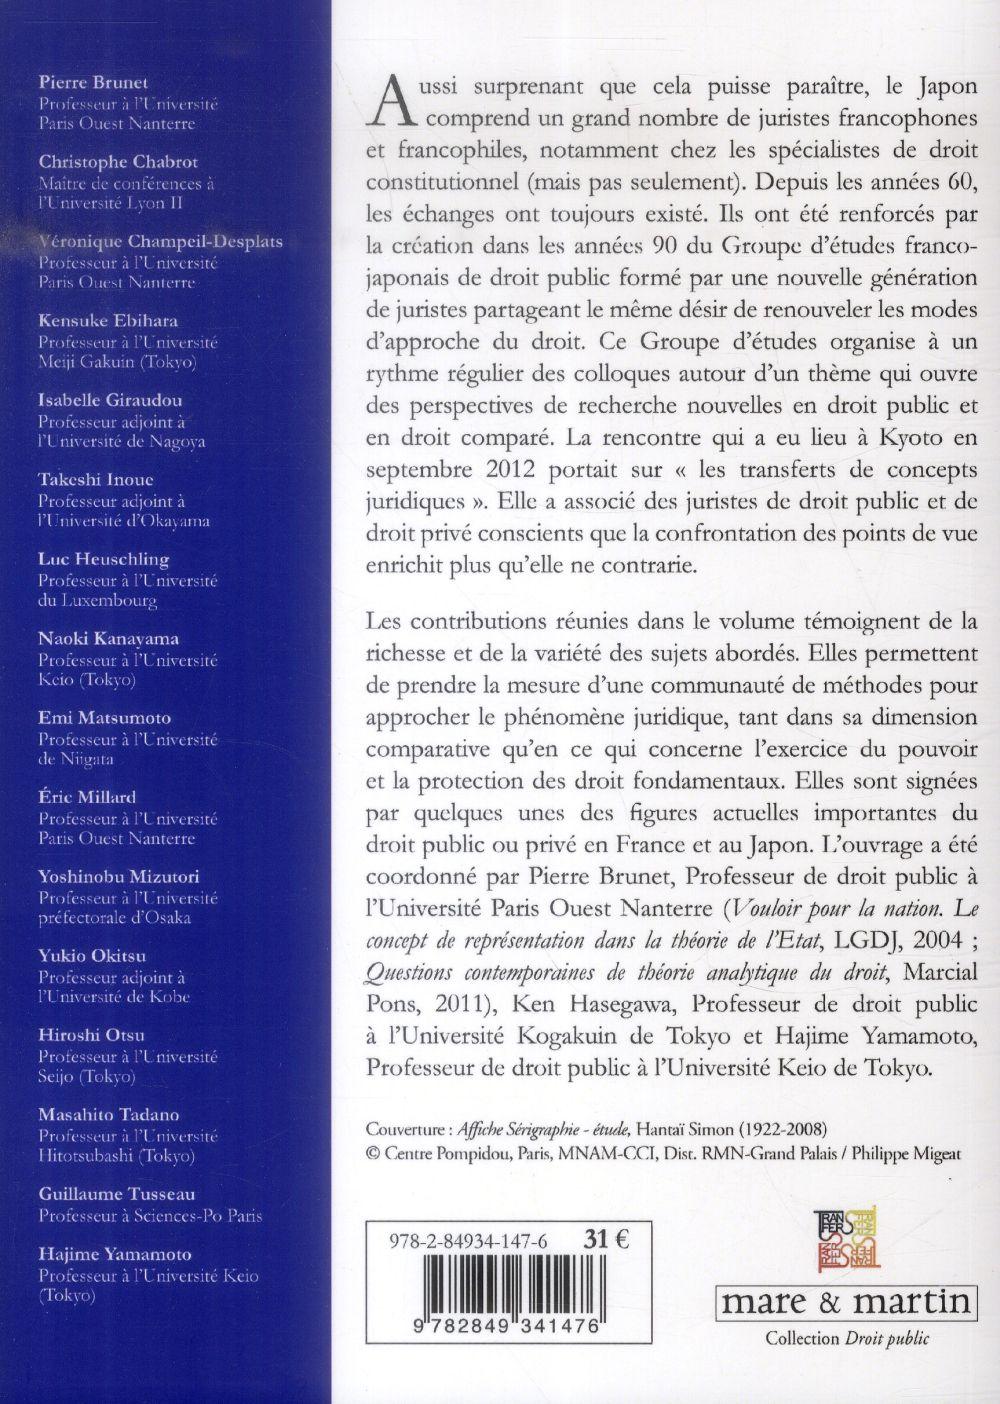 Rencontres franco-japonaises autour des transferts de concepts juridiques | rap-culture.fr